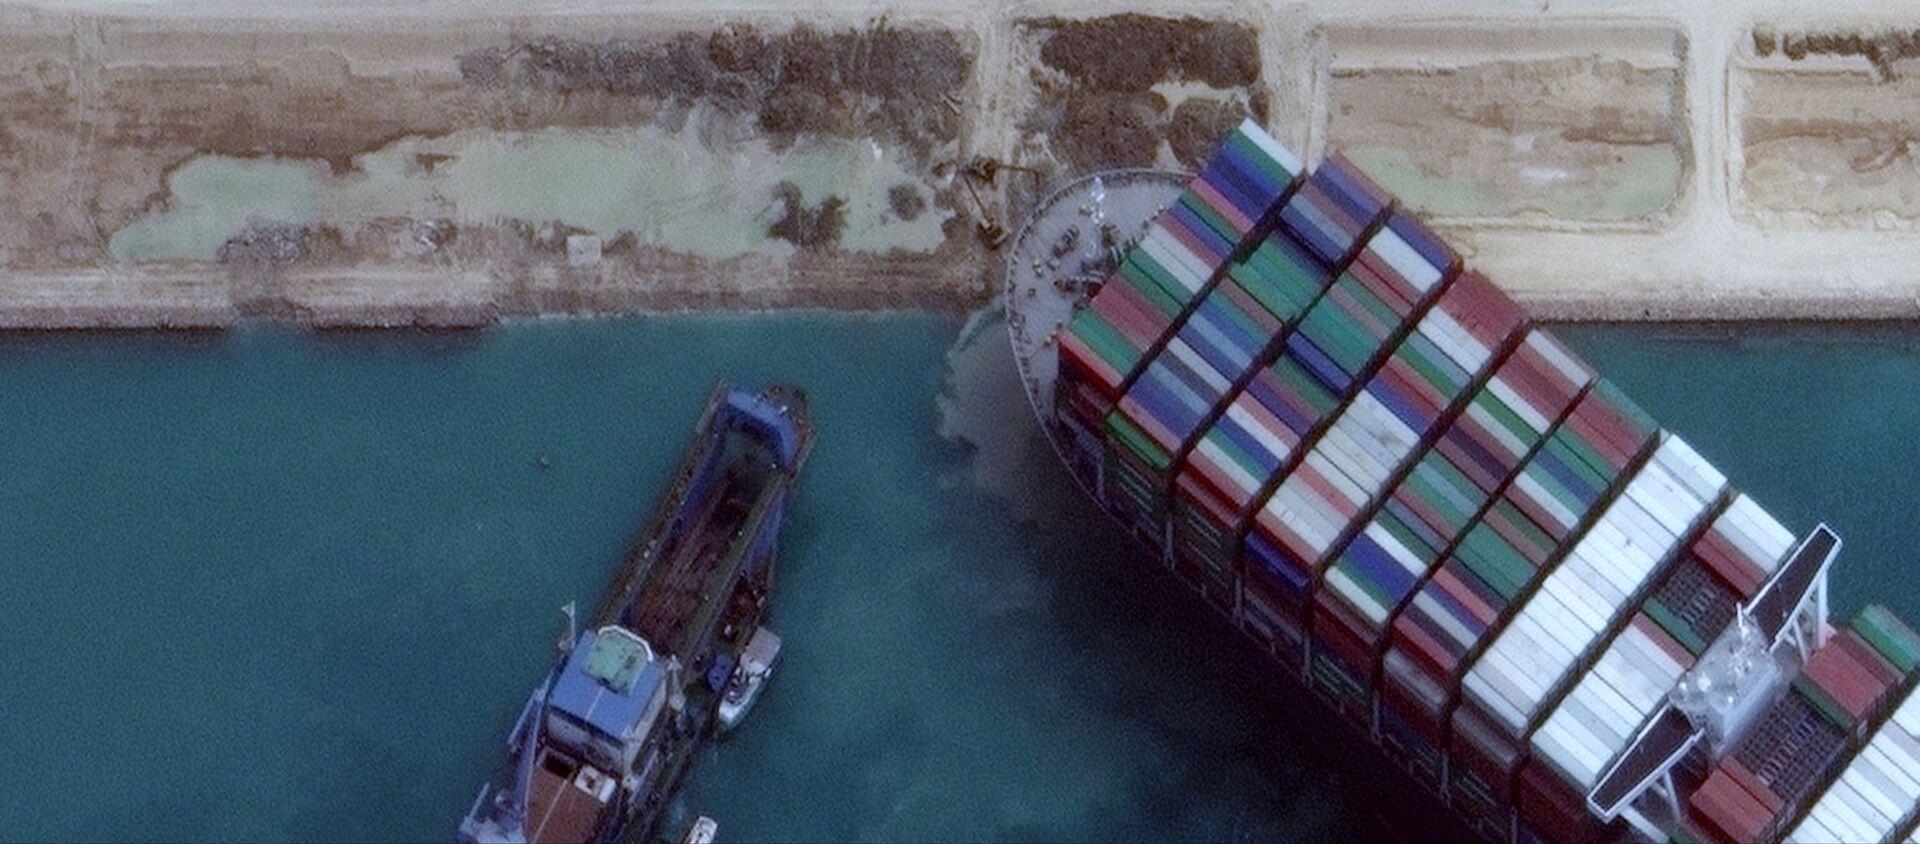 La nave Ever Given rimasta incagliata nel Canale di Suez ha iniziato a girare, ma non galleggia ancora - Sputnik Italia, 1920, 29.03.2021